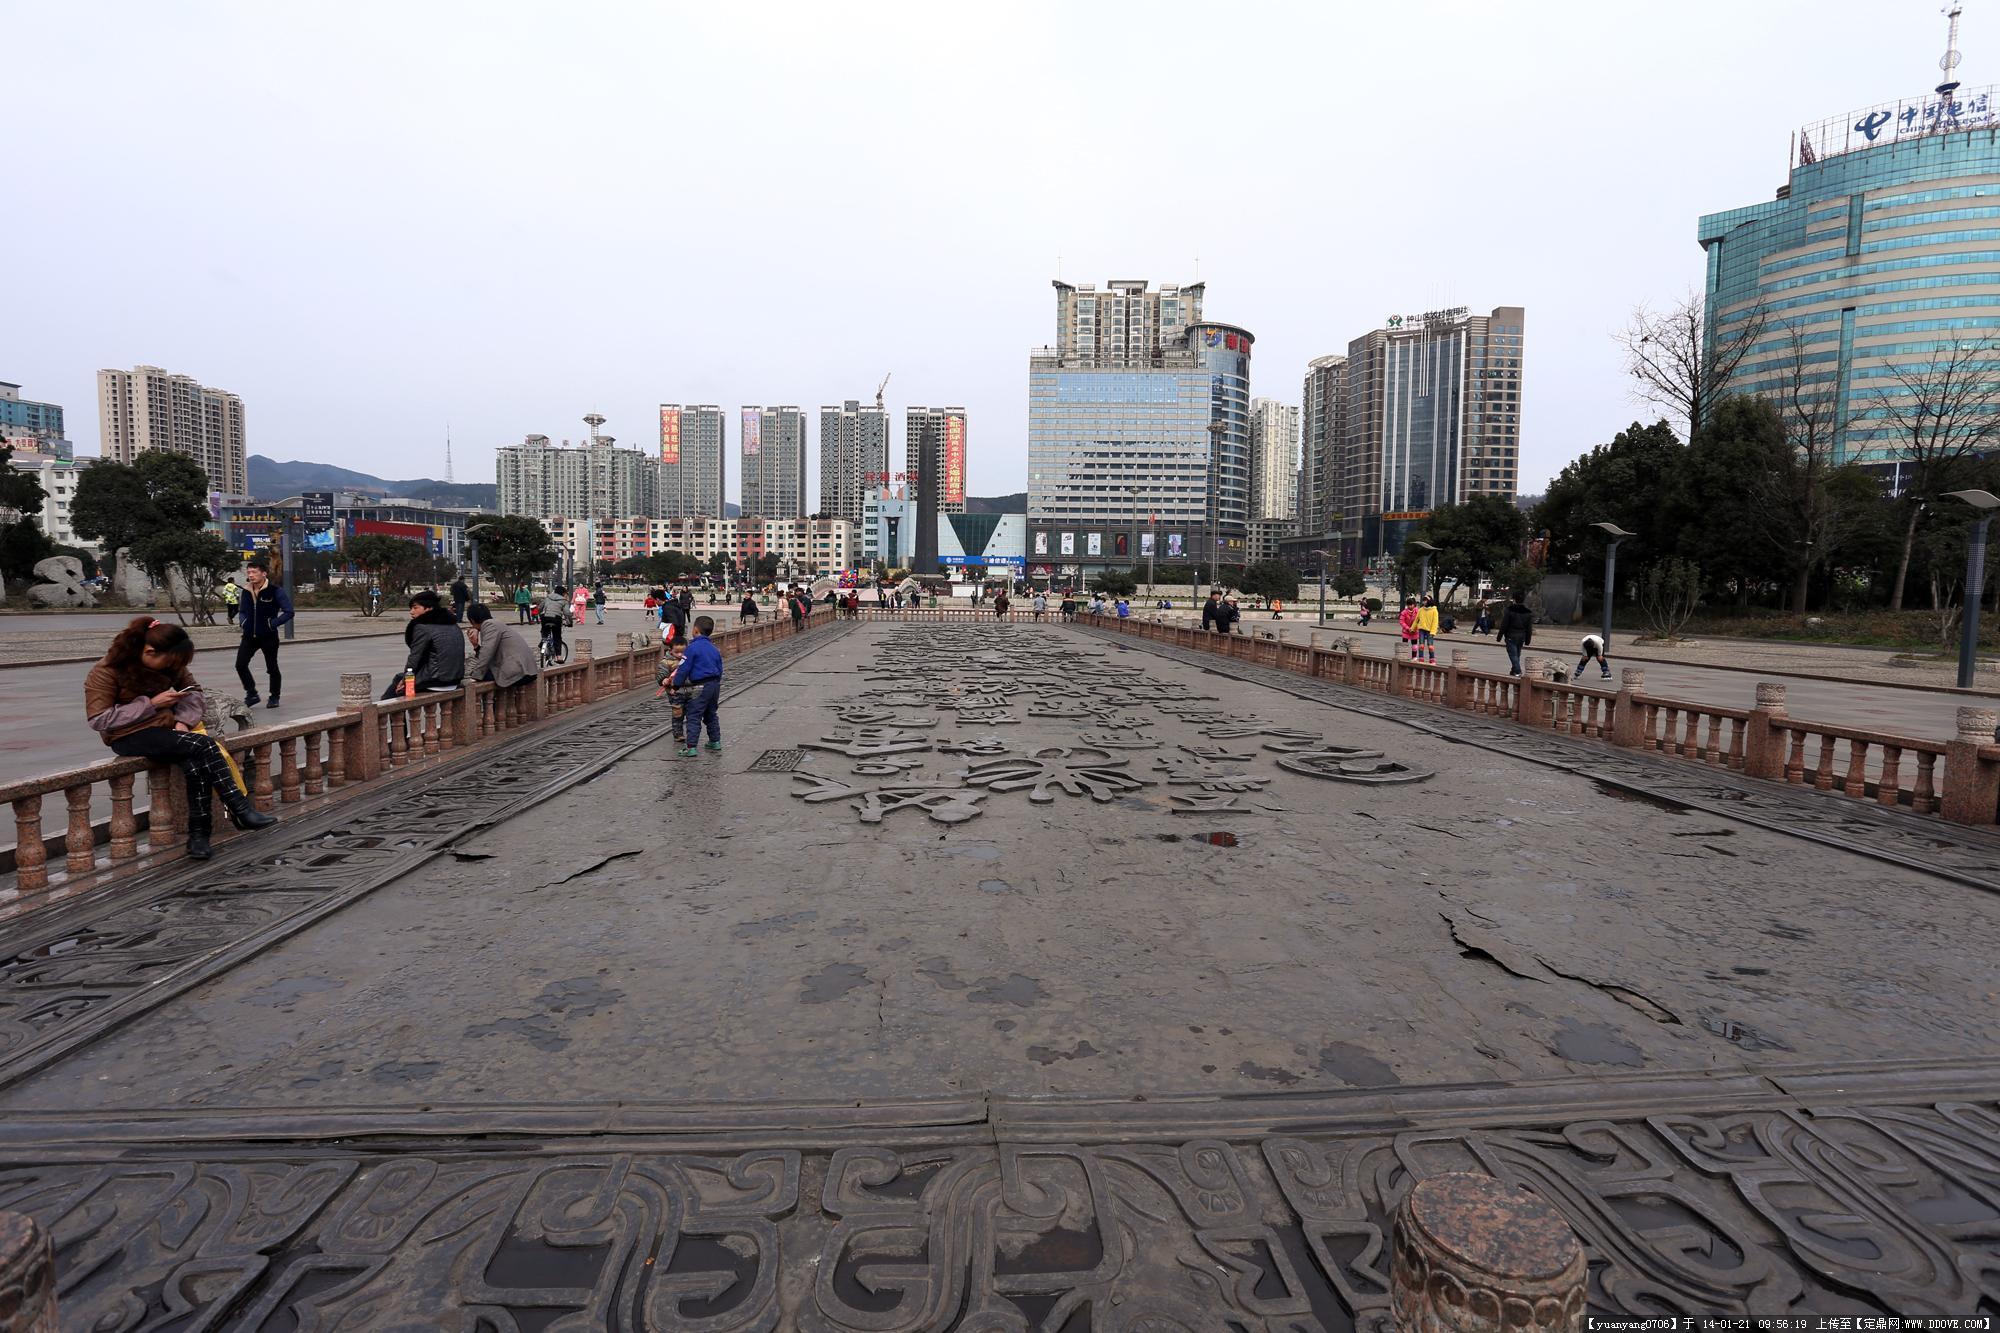 六盘水人民广场景观设计实景图片-地面浮雕.jpg